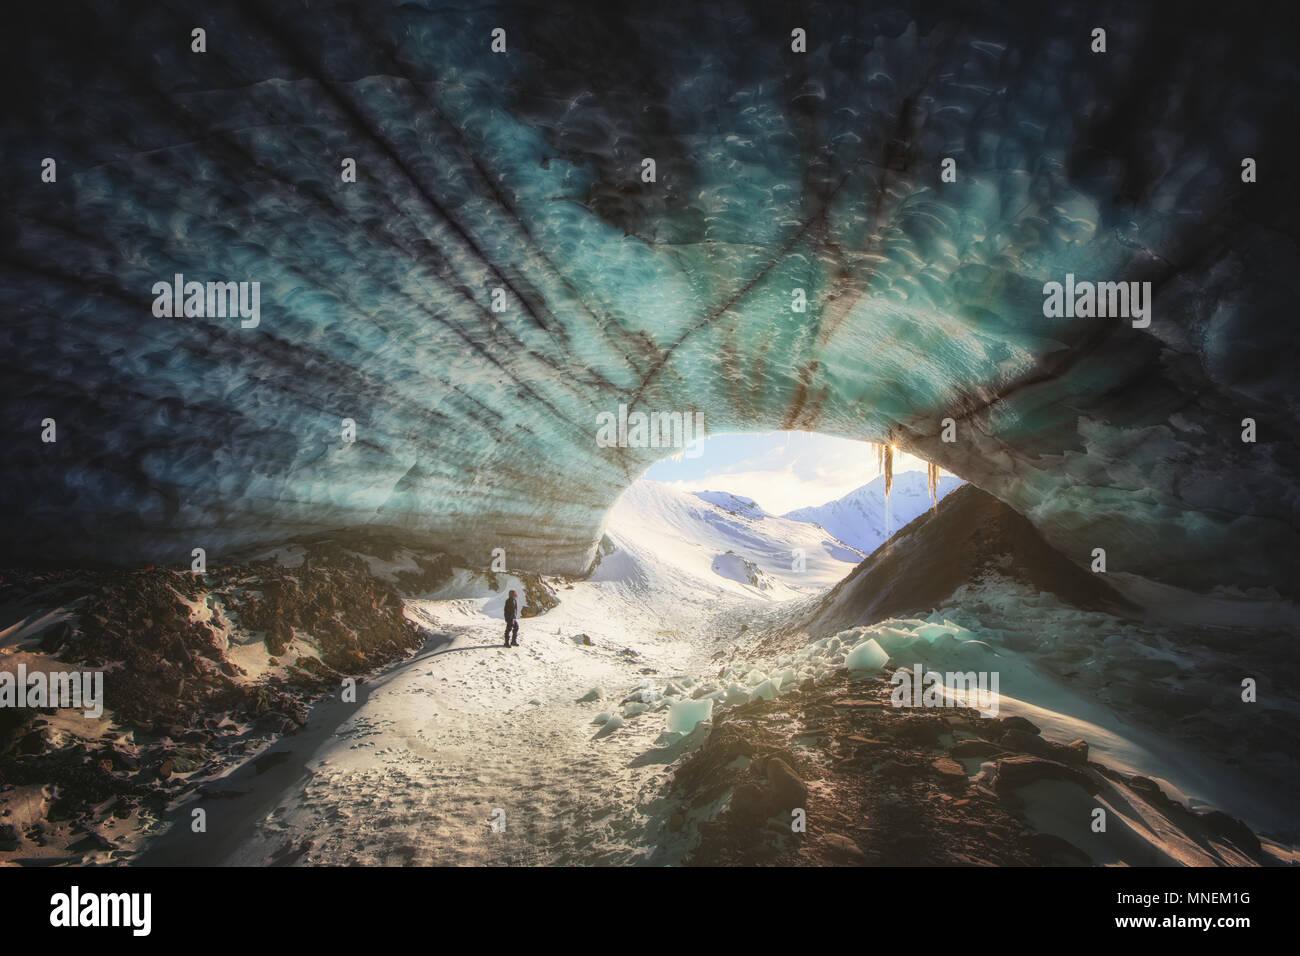 La grotta di ghiaccio di tramonto escursionista escursionismo congelato blu Yukon Canada montagne neve glacier Immagini Stock